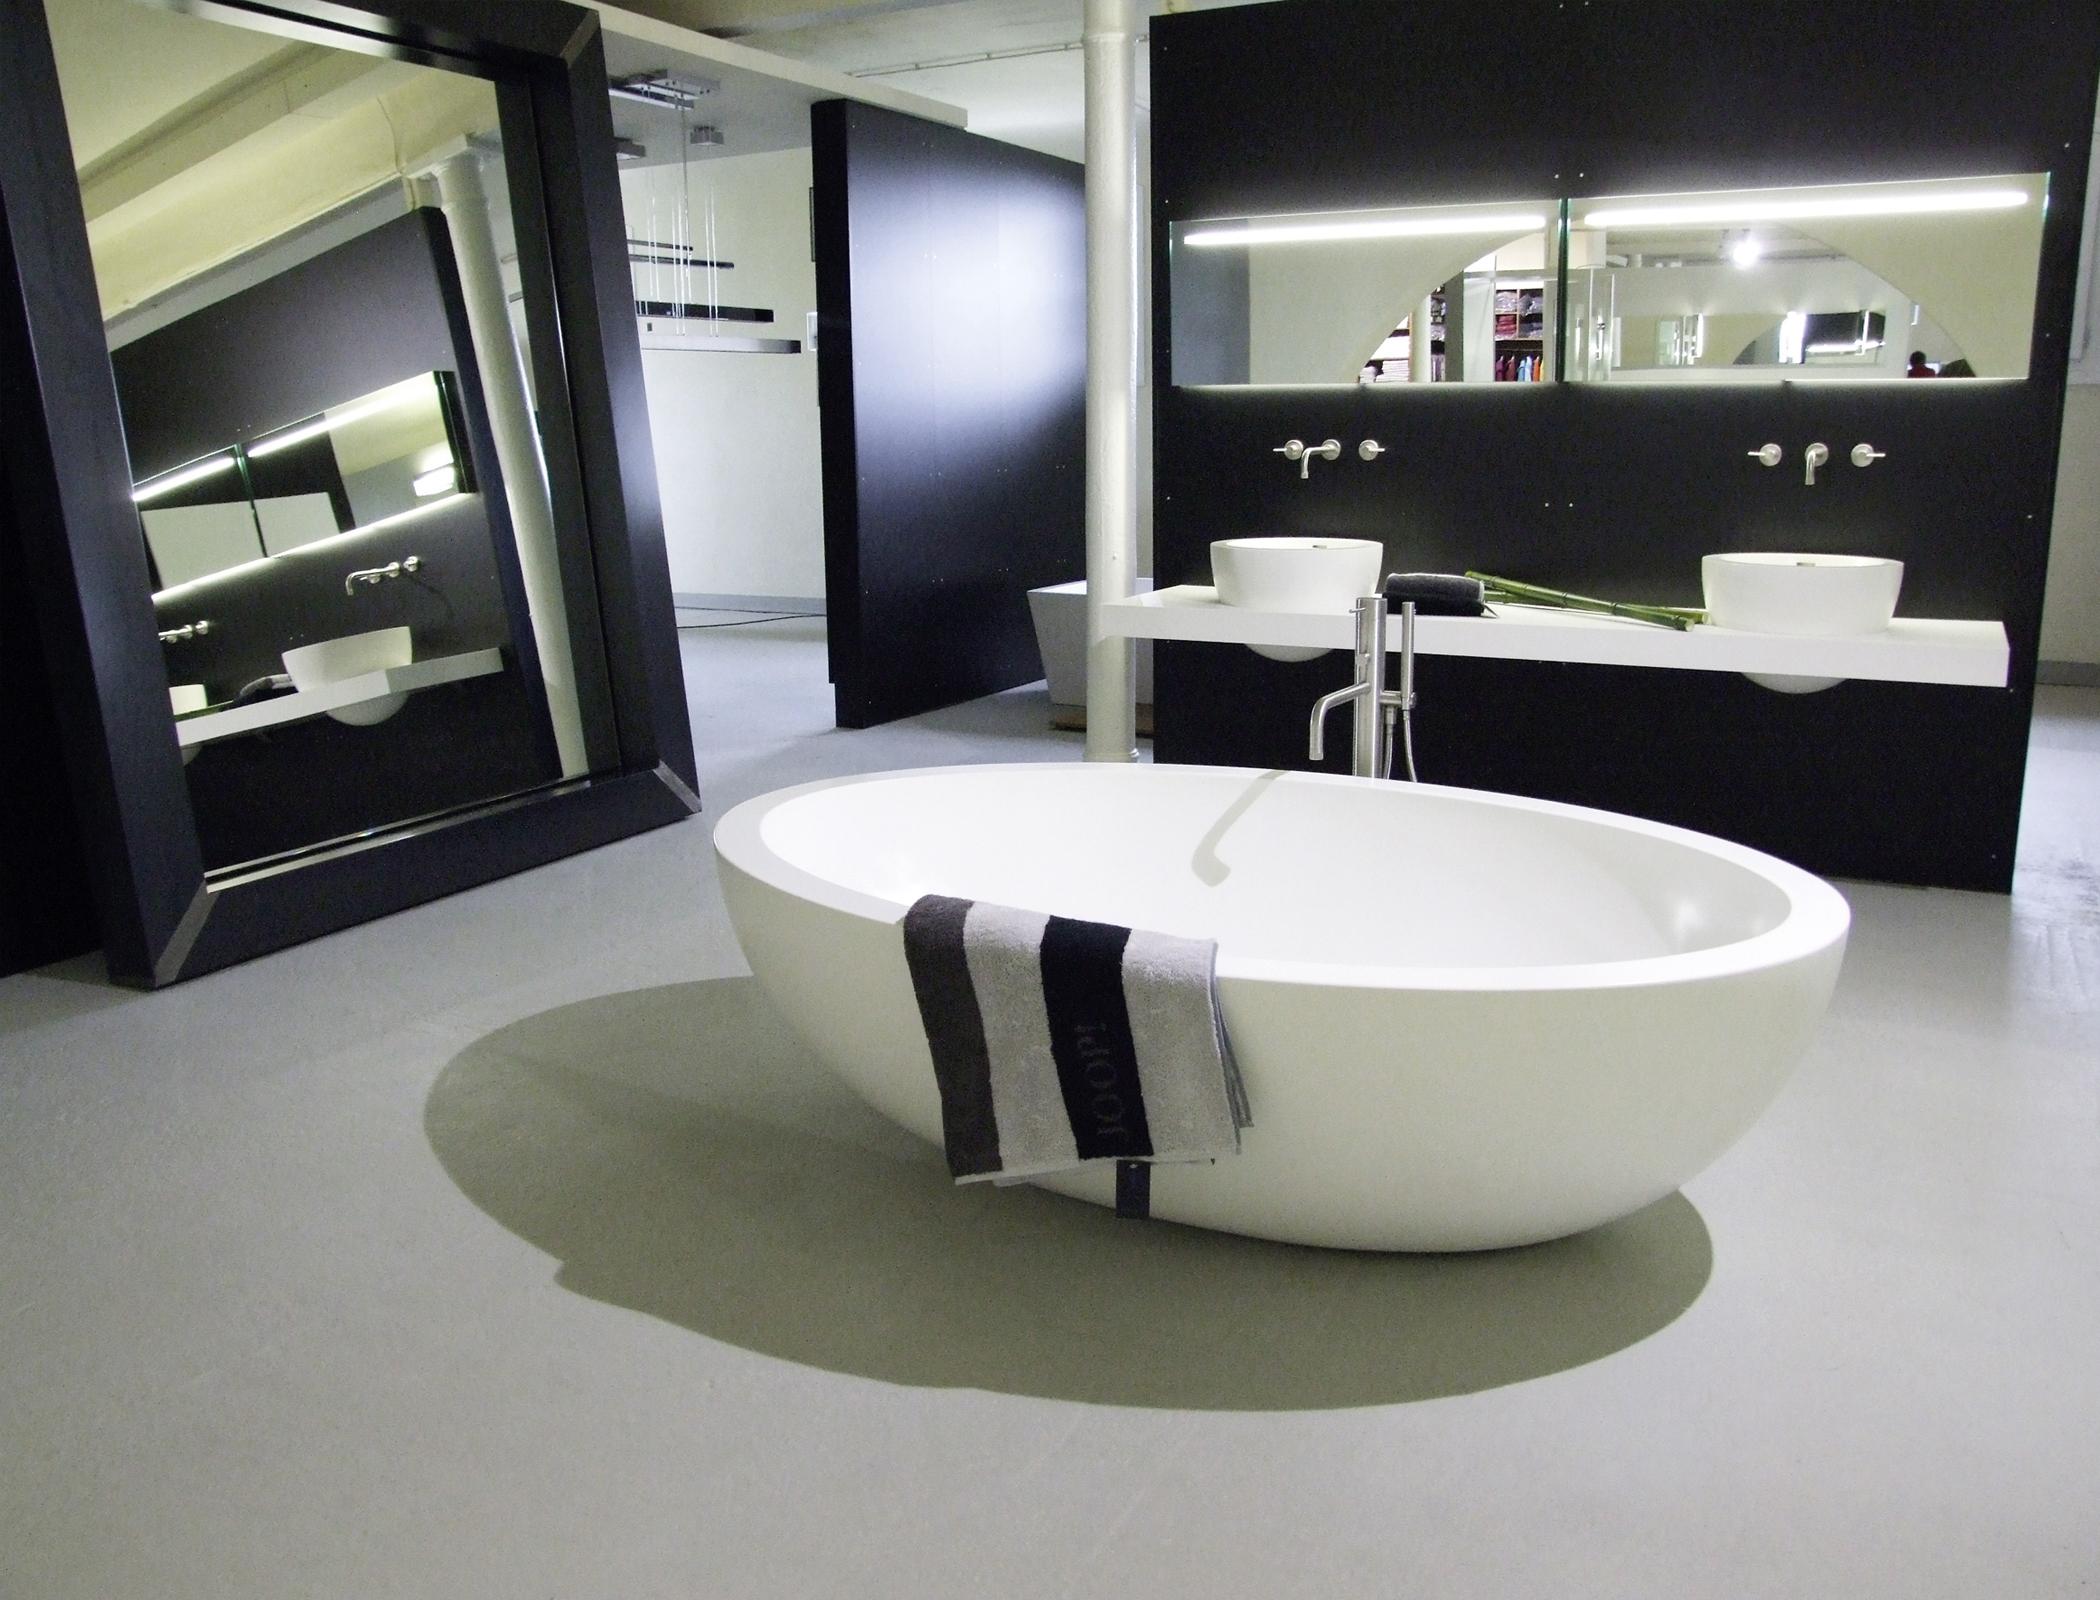 b der komfortabel online kaufen reuter badshop setzt auf g nstige online preise und fachberatung. Black Bedroom Furniture Sets. Home Design Ideas